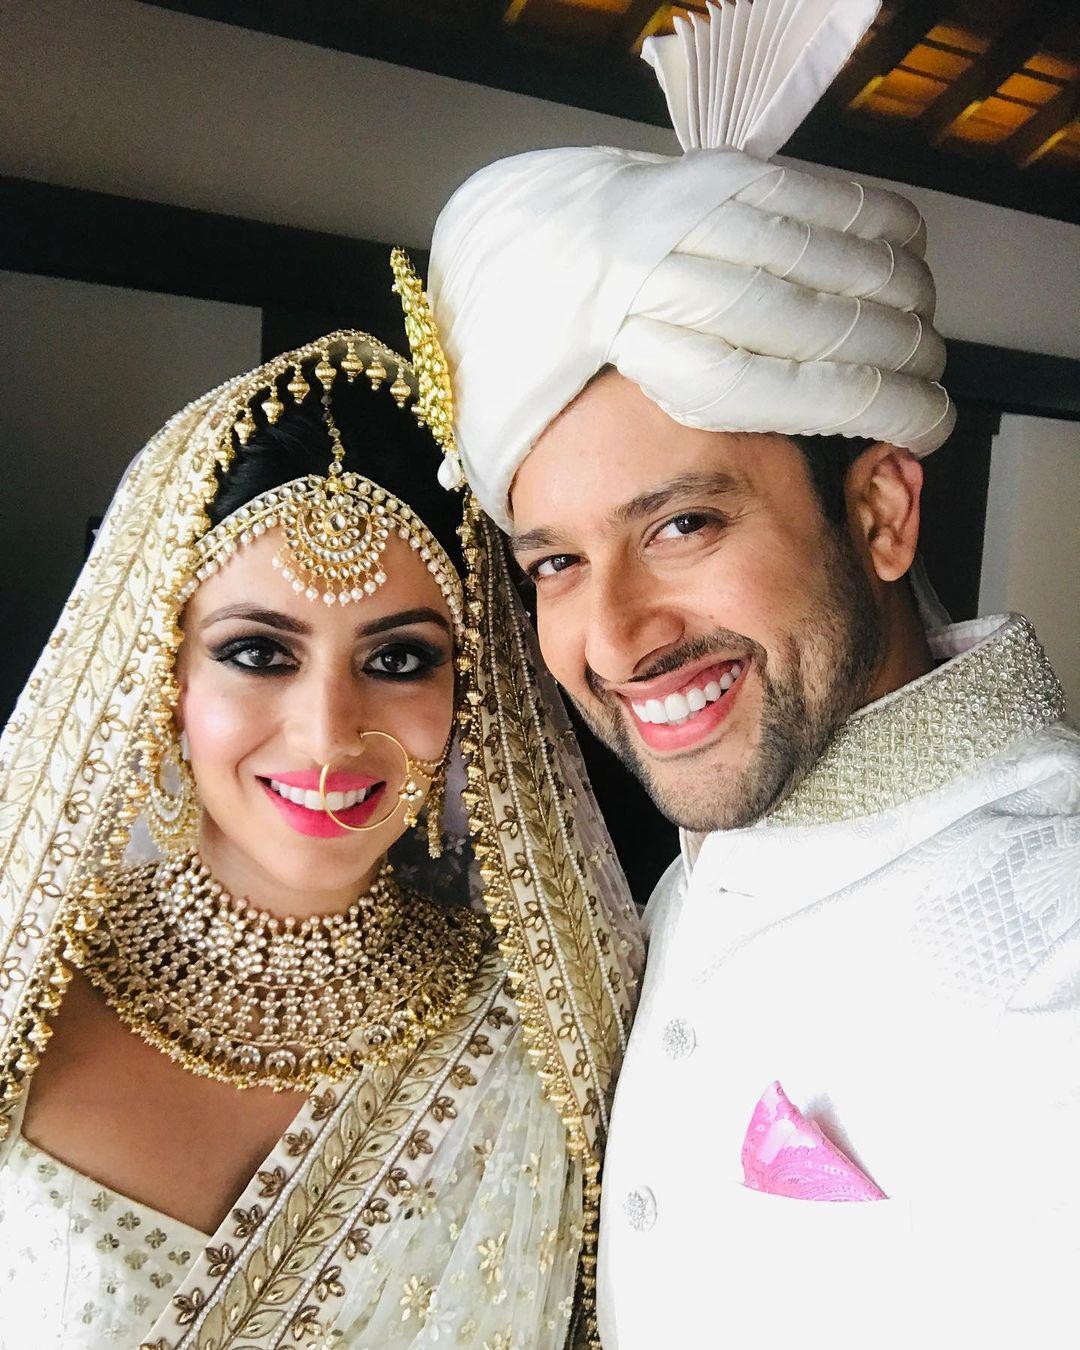 बॉलीवूड अभिनेता आफताब शिवदासनी आणि निन दुसांजने श्रीलंकेत विवाह केला होता. त्यानंतर भारतातही त्यांनी लग्न रजिस्टर केलं होतं.